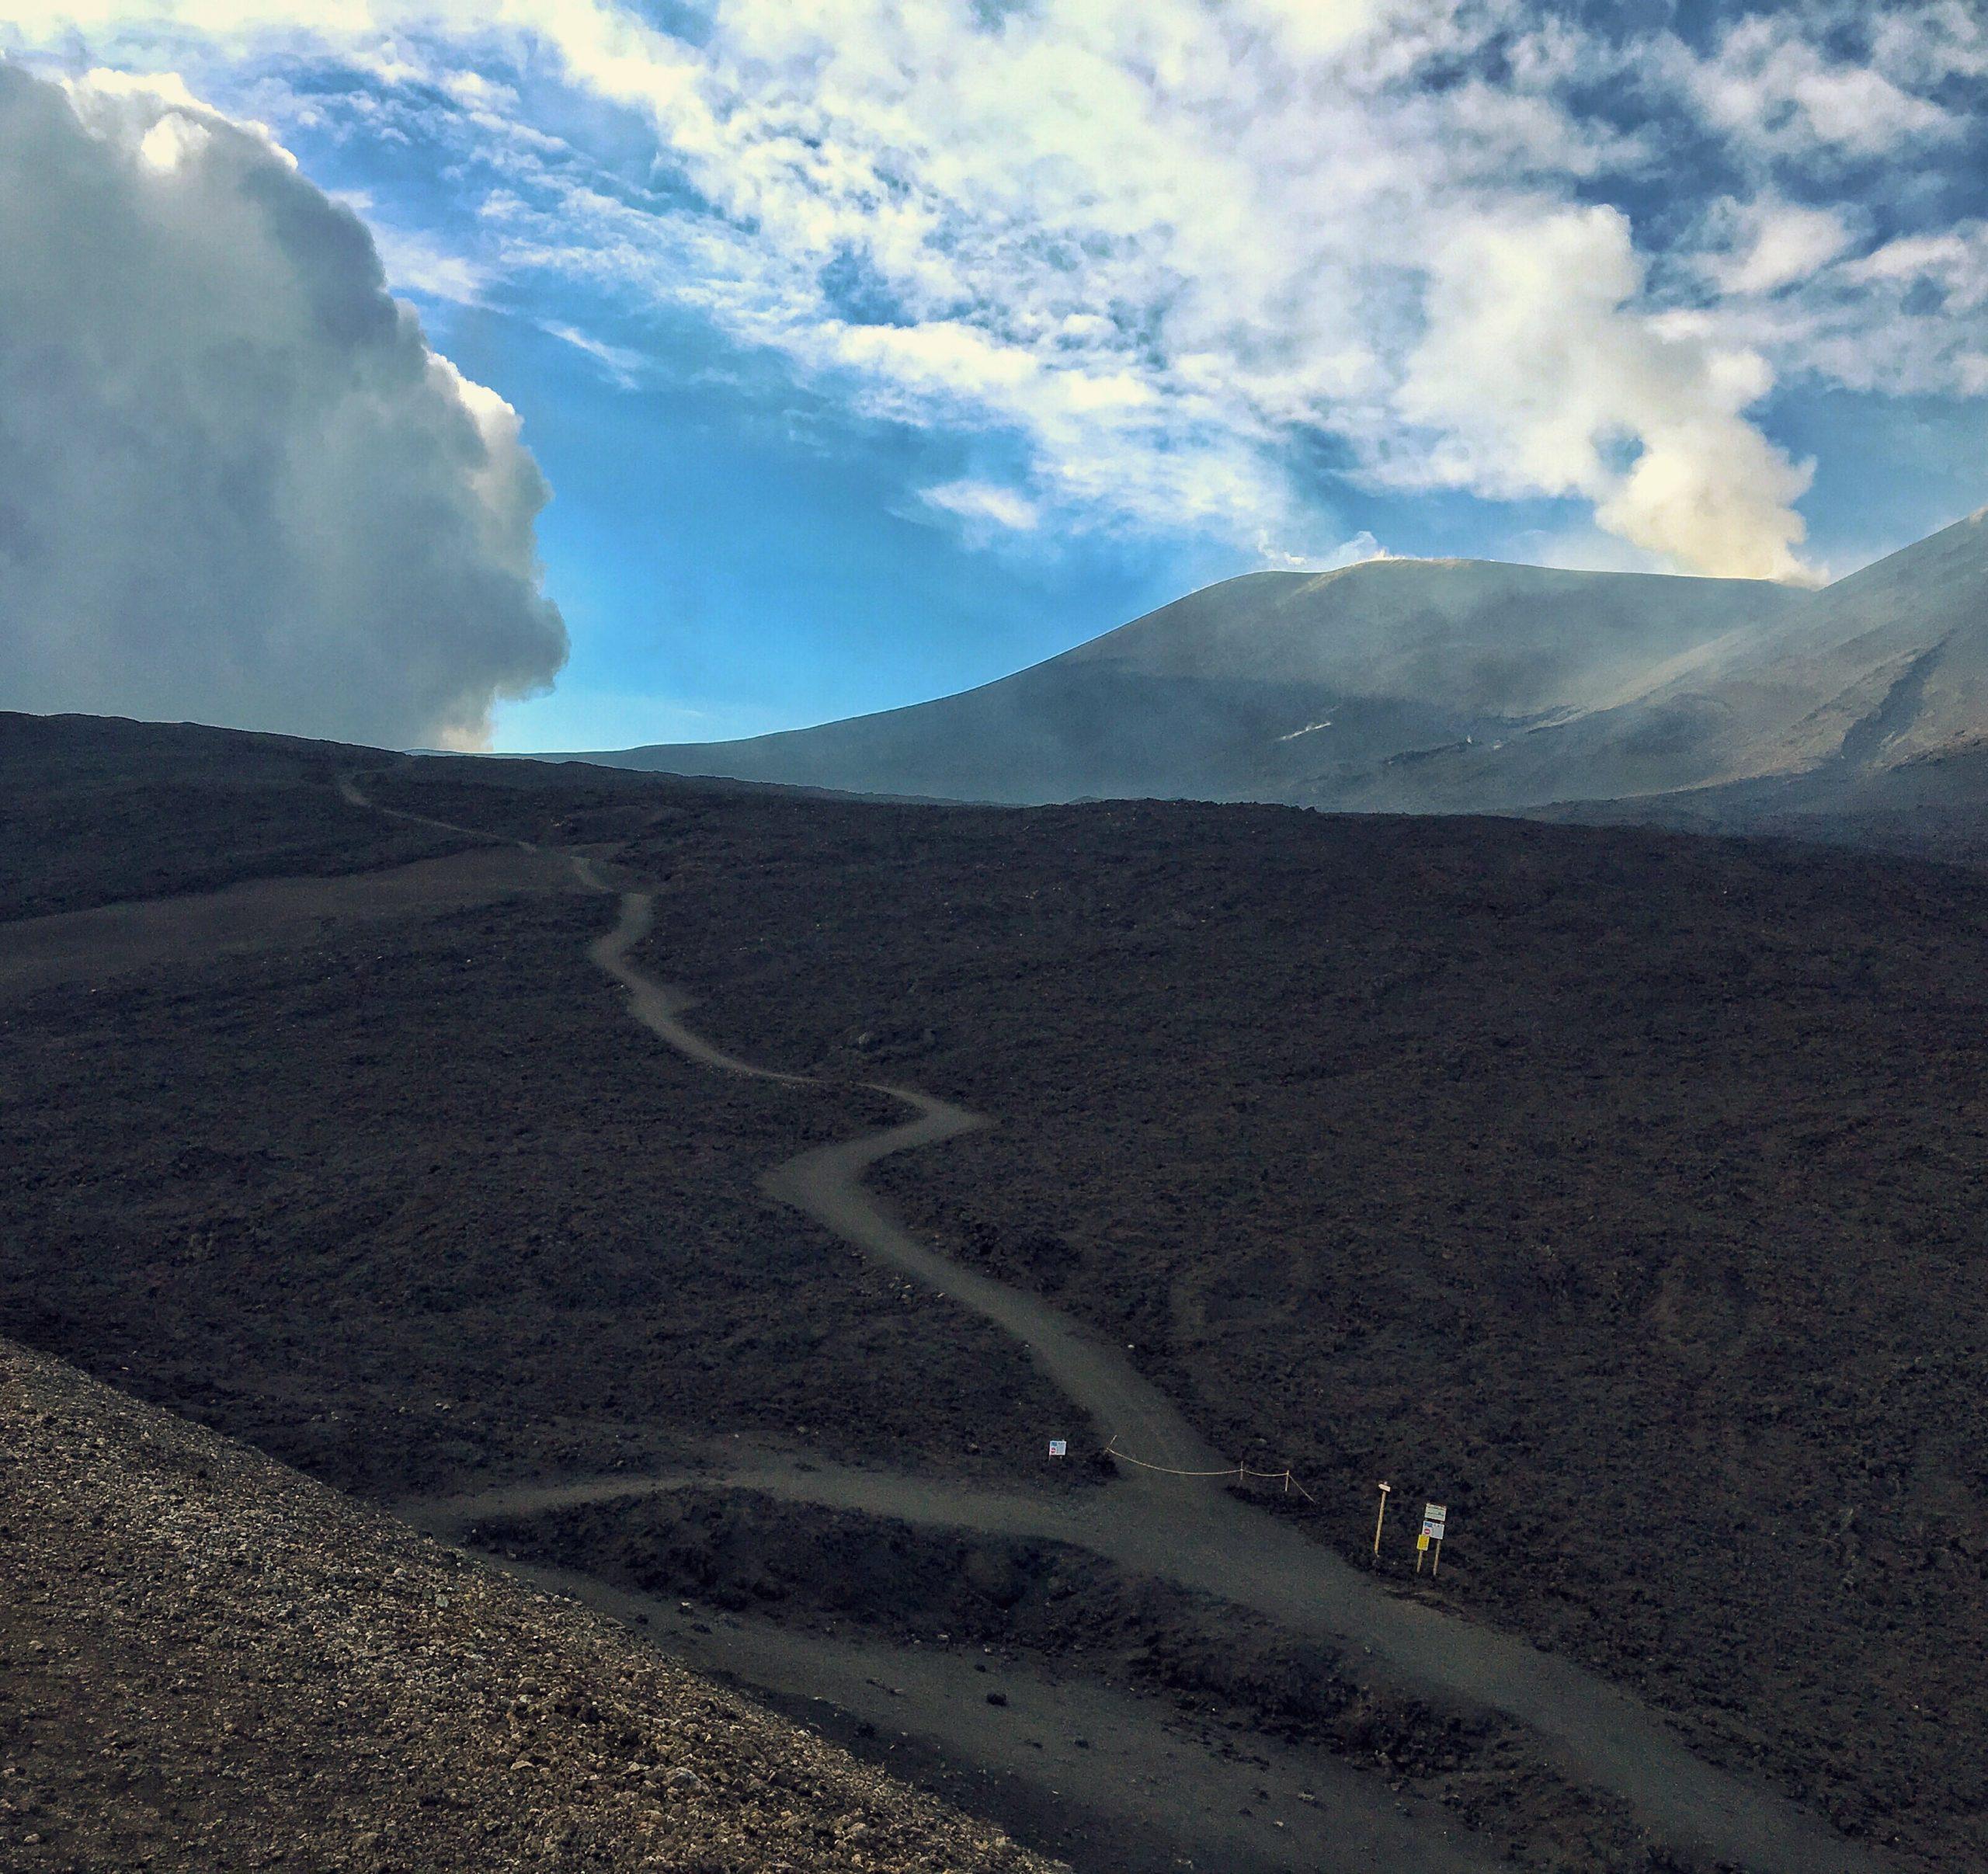 Le escursioni Etna per scoprire il vulcano